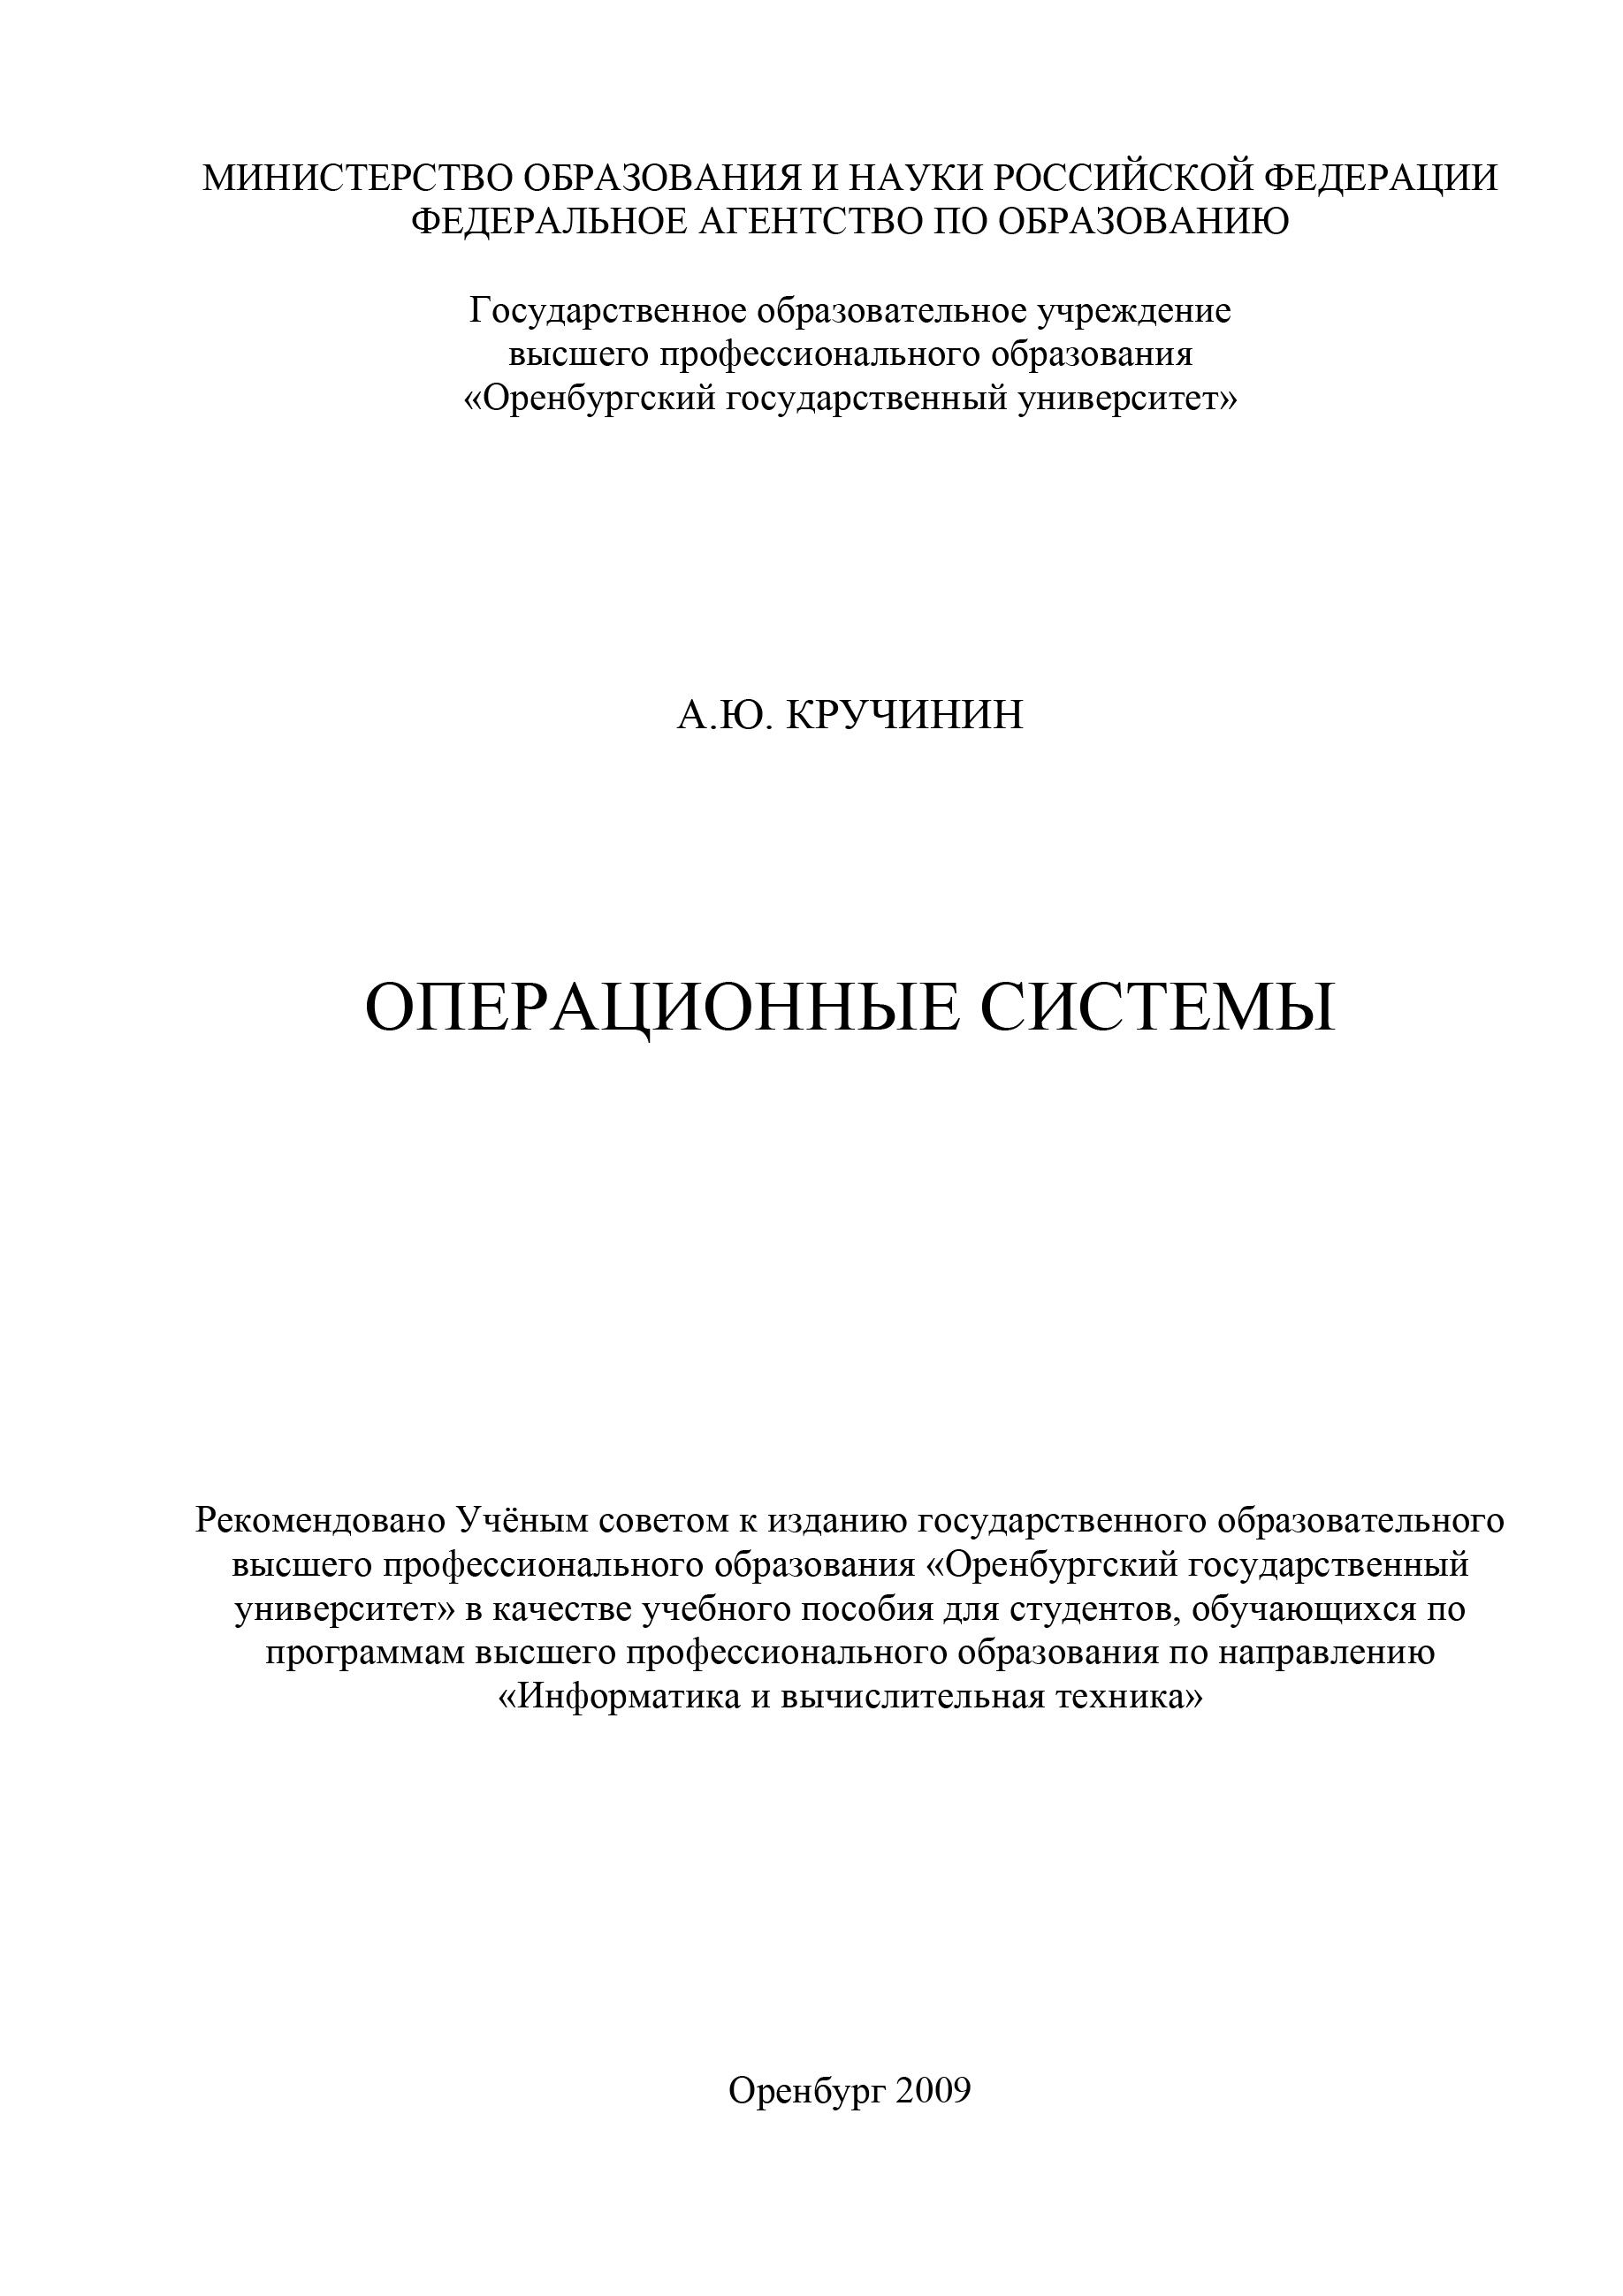 А. Ю. Кручинин Операционные системы арк андреев многопроцессорные вычислительные системы